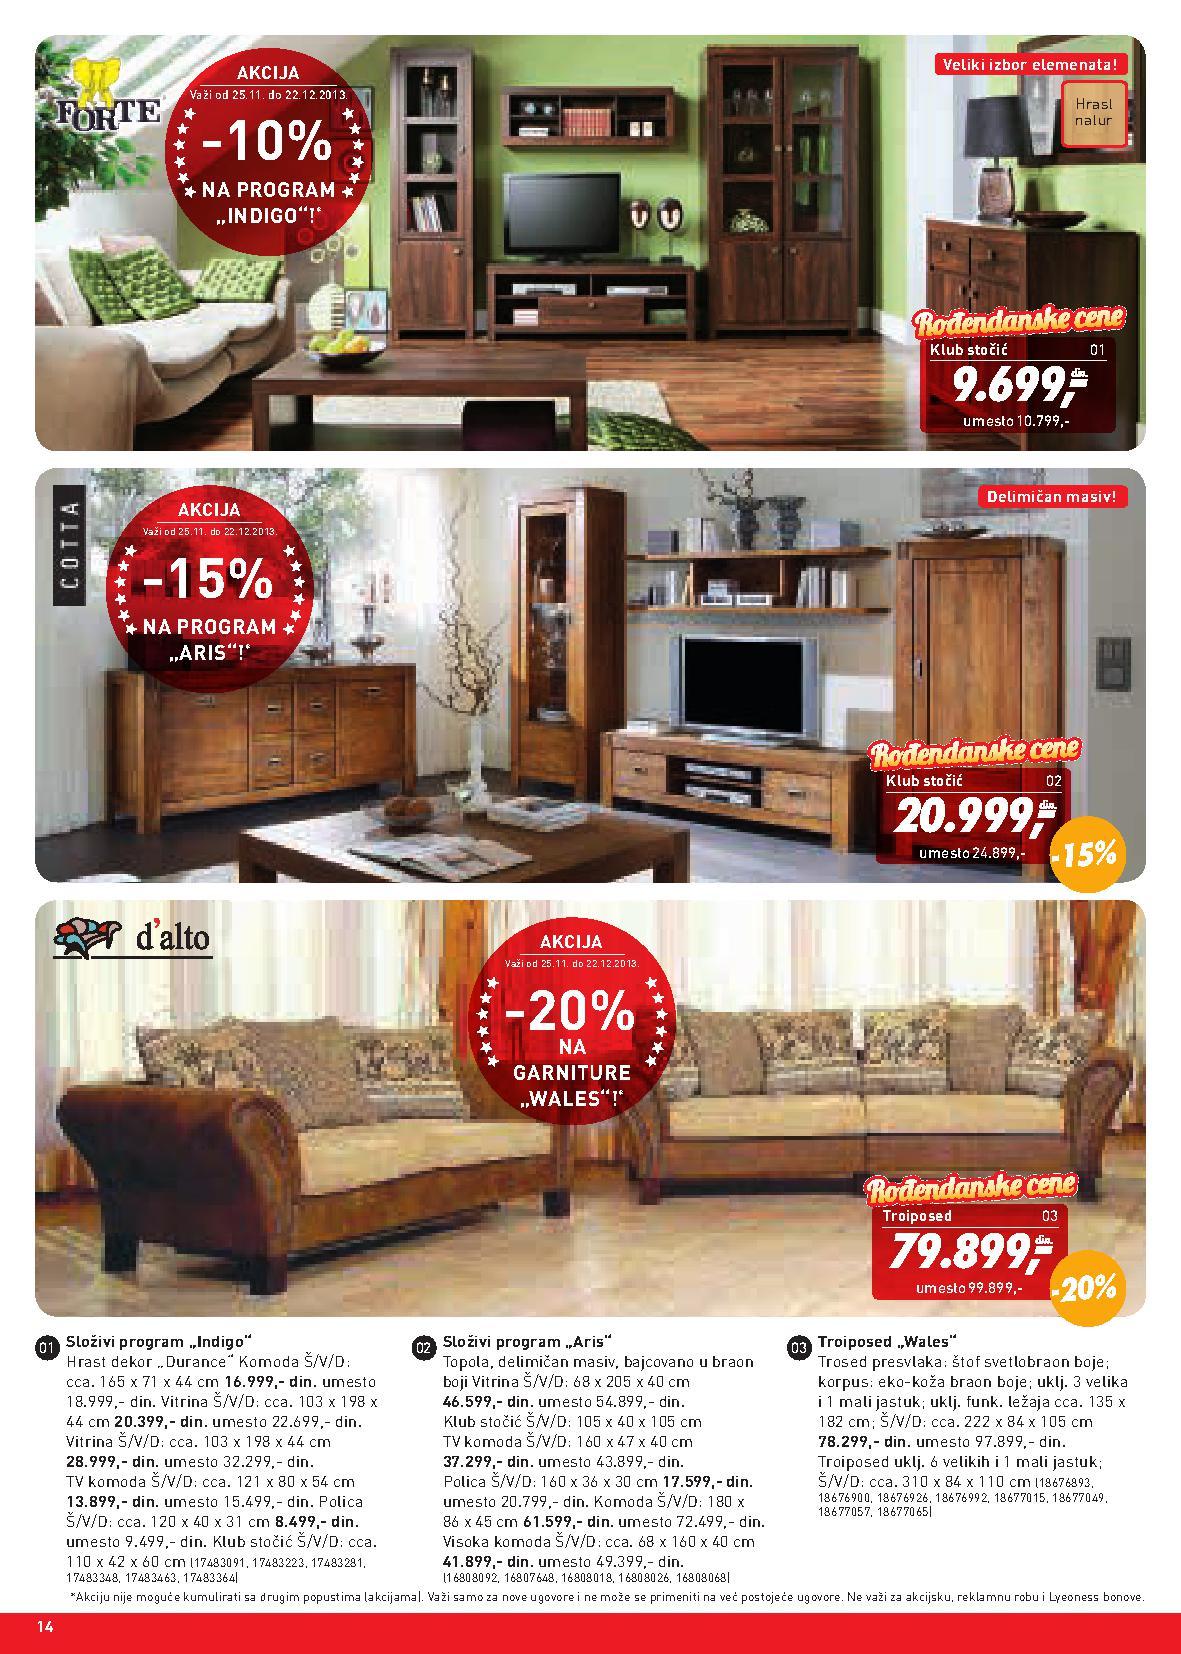 Kika katalog sve za vaš dom po super ceni